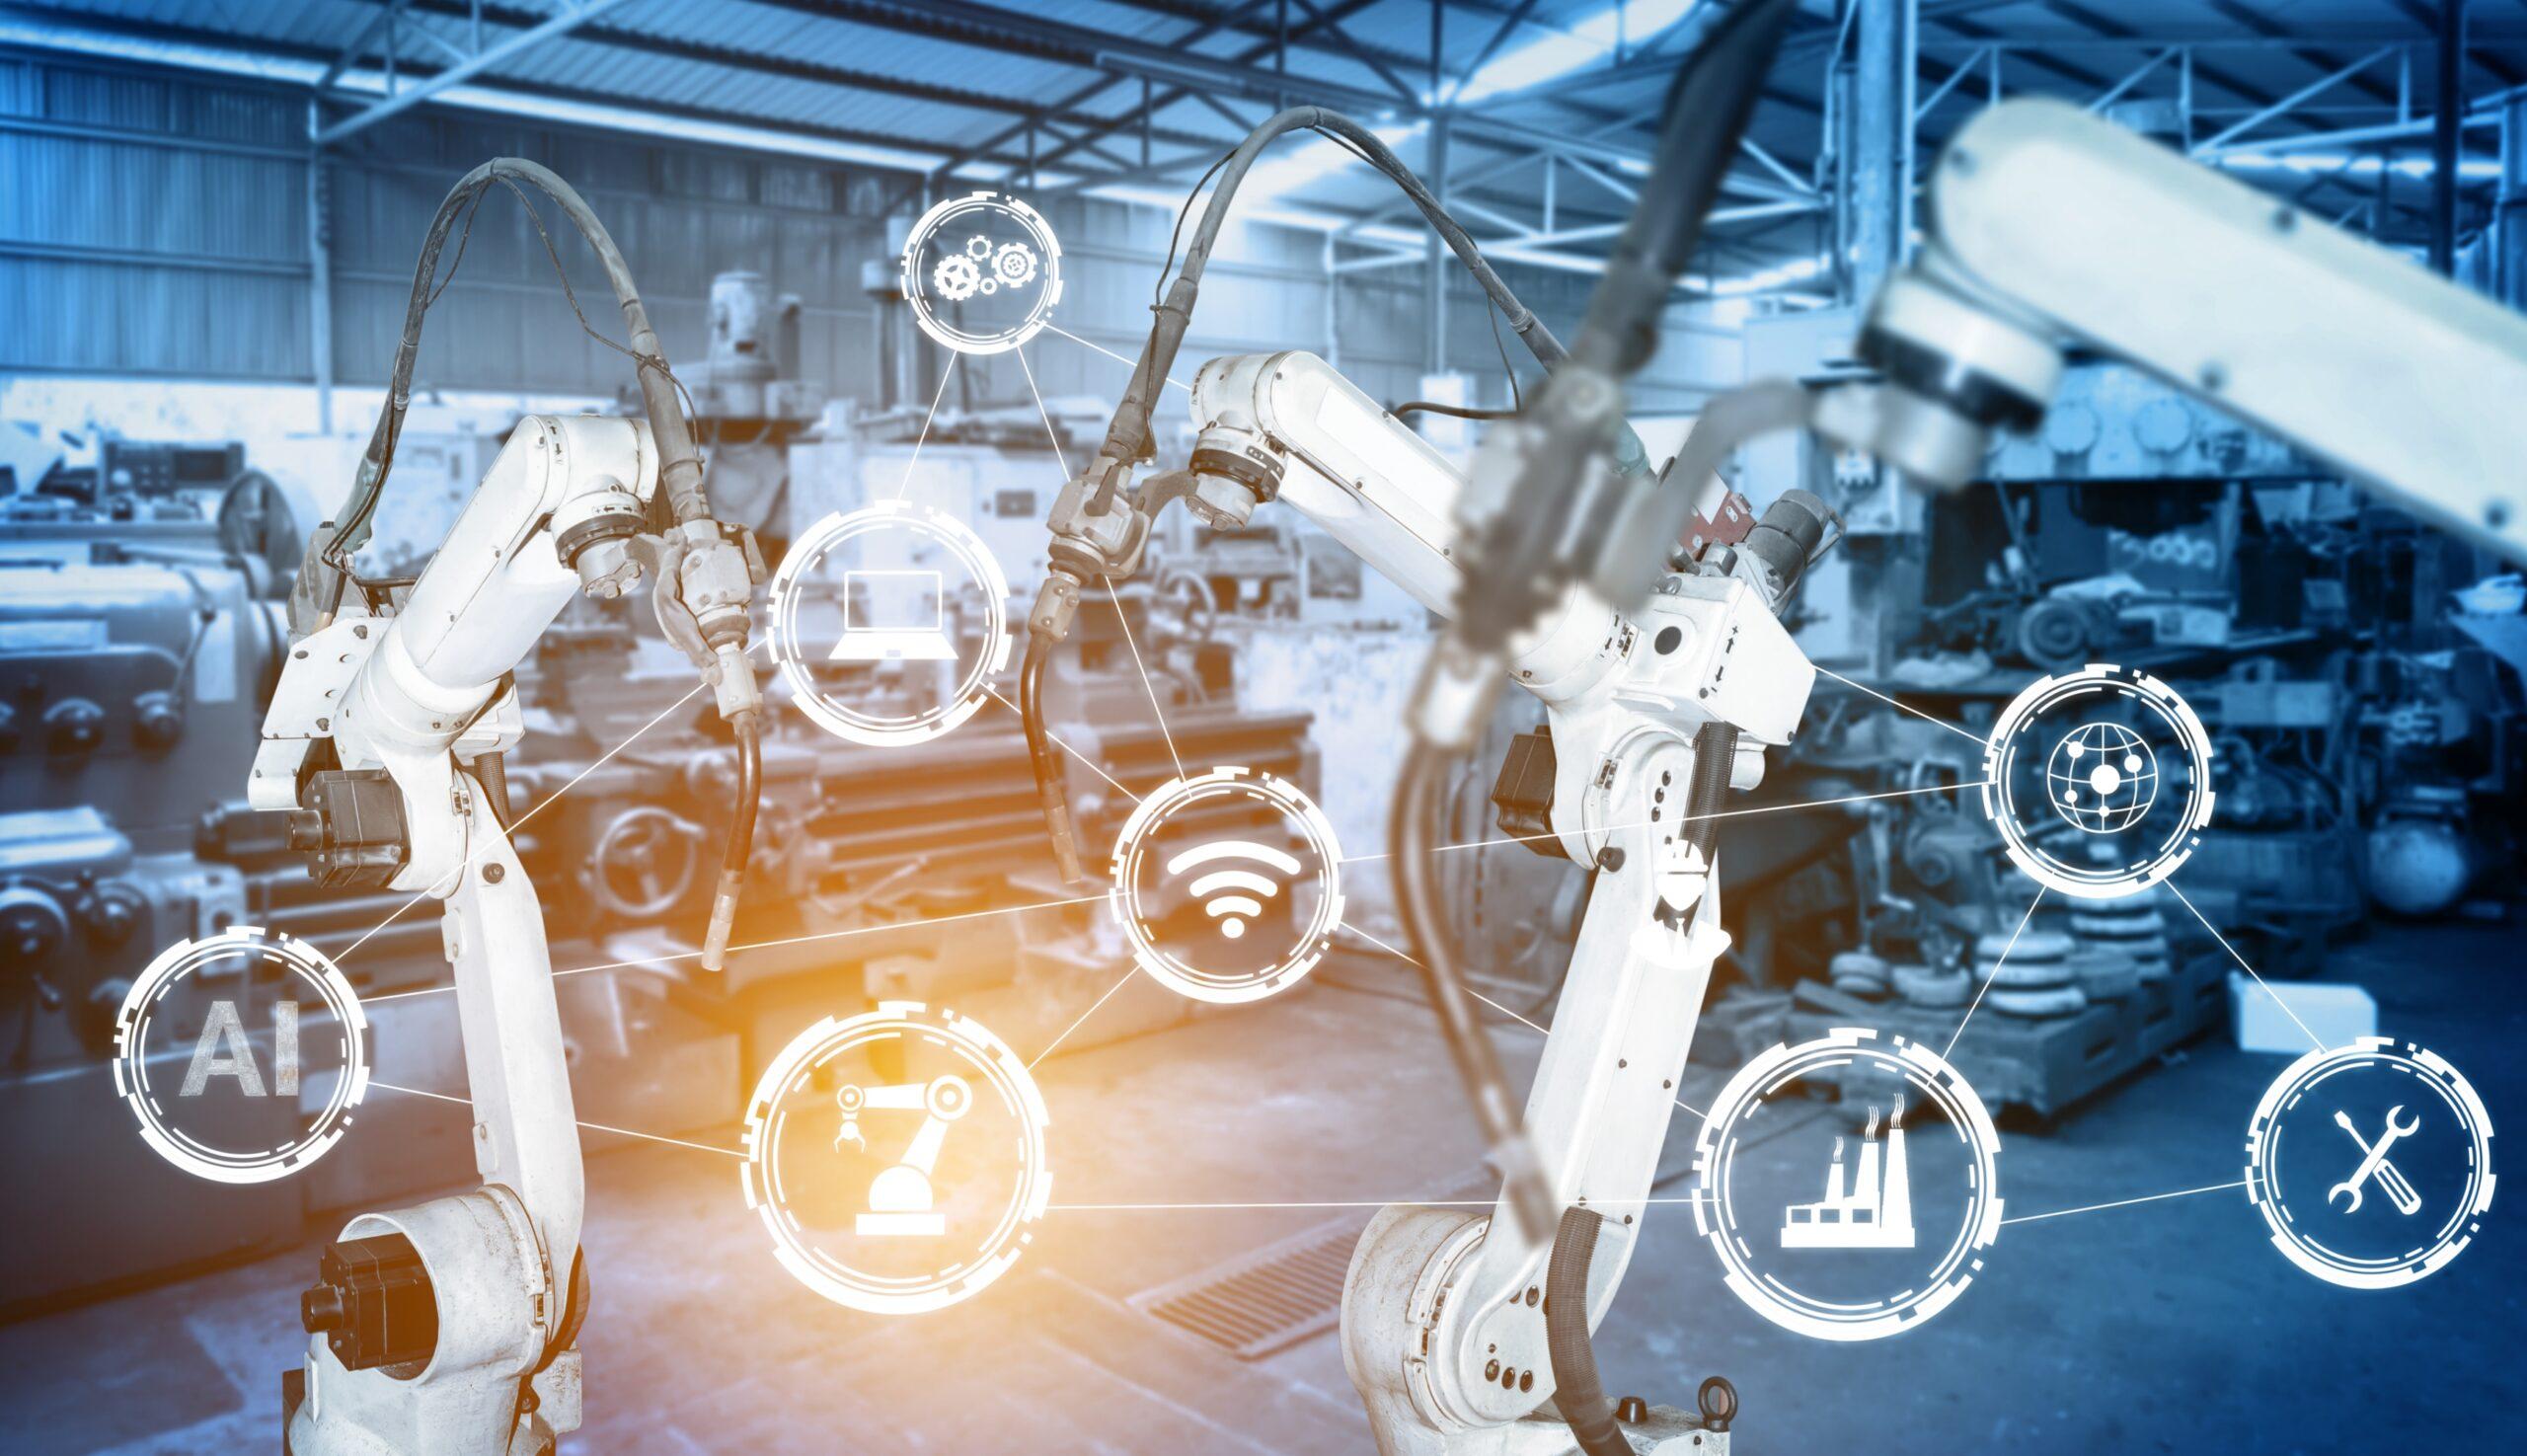 Mee met de technologische revolutie